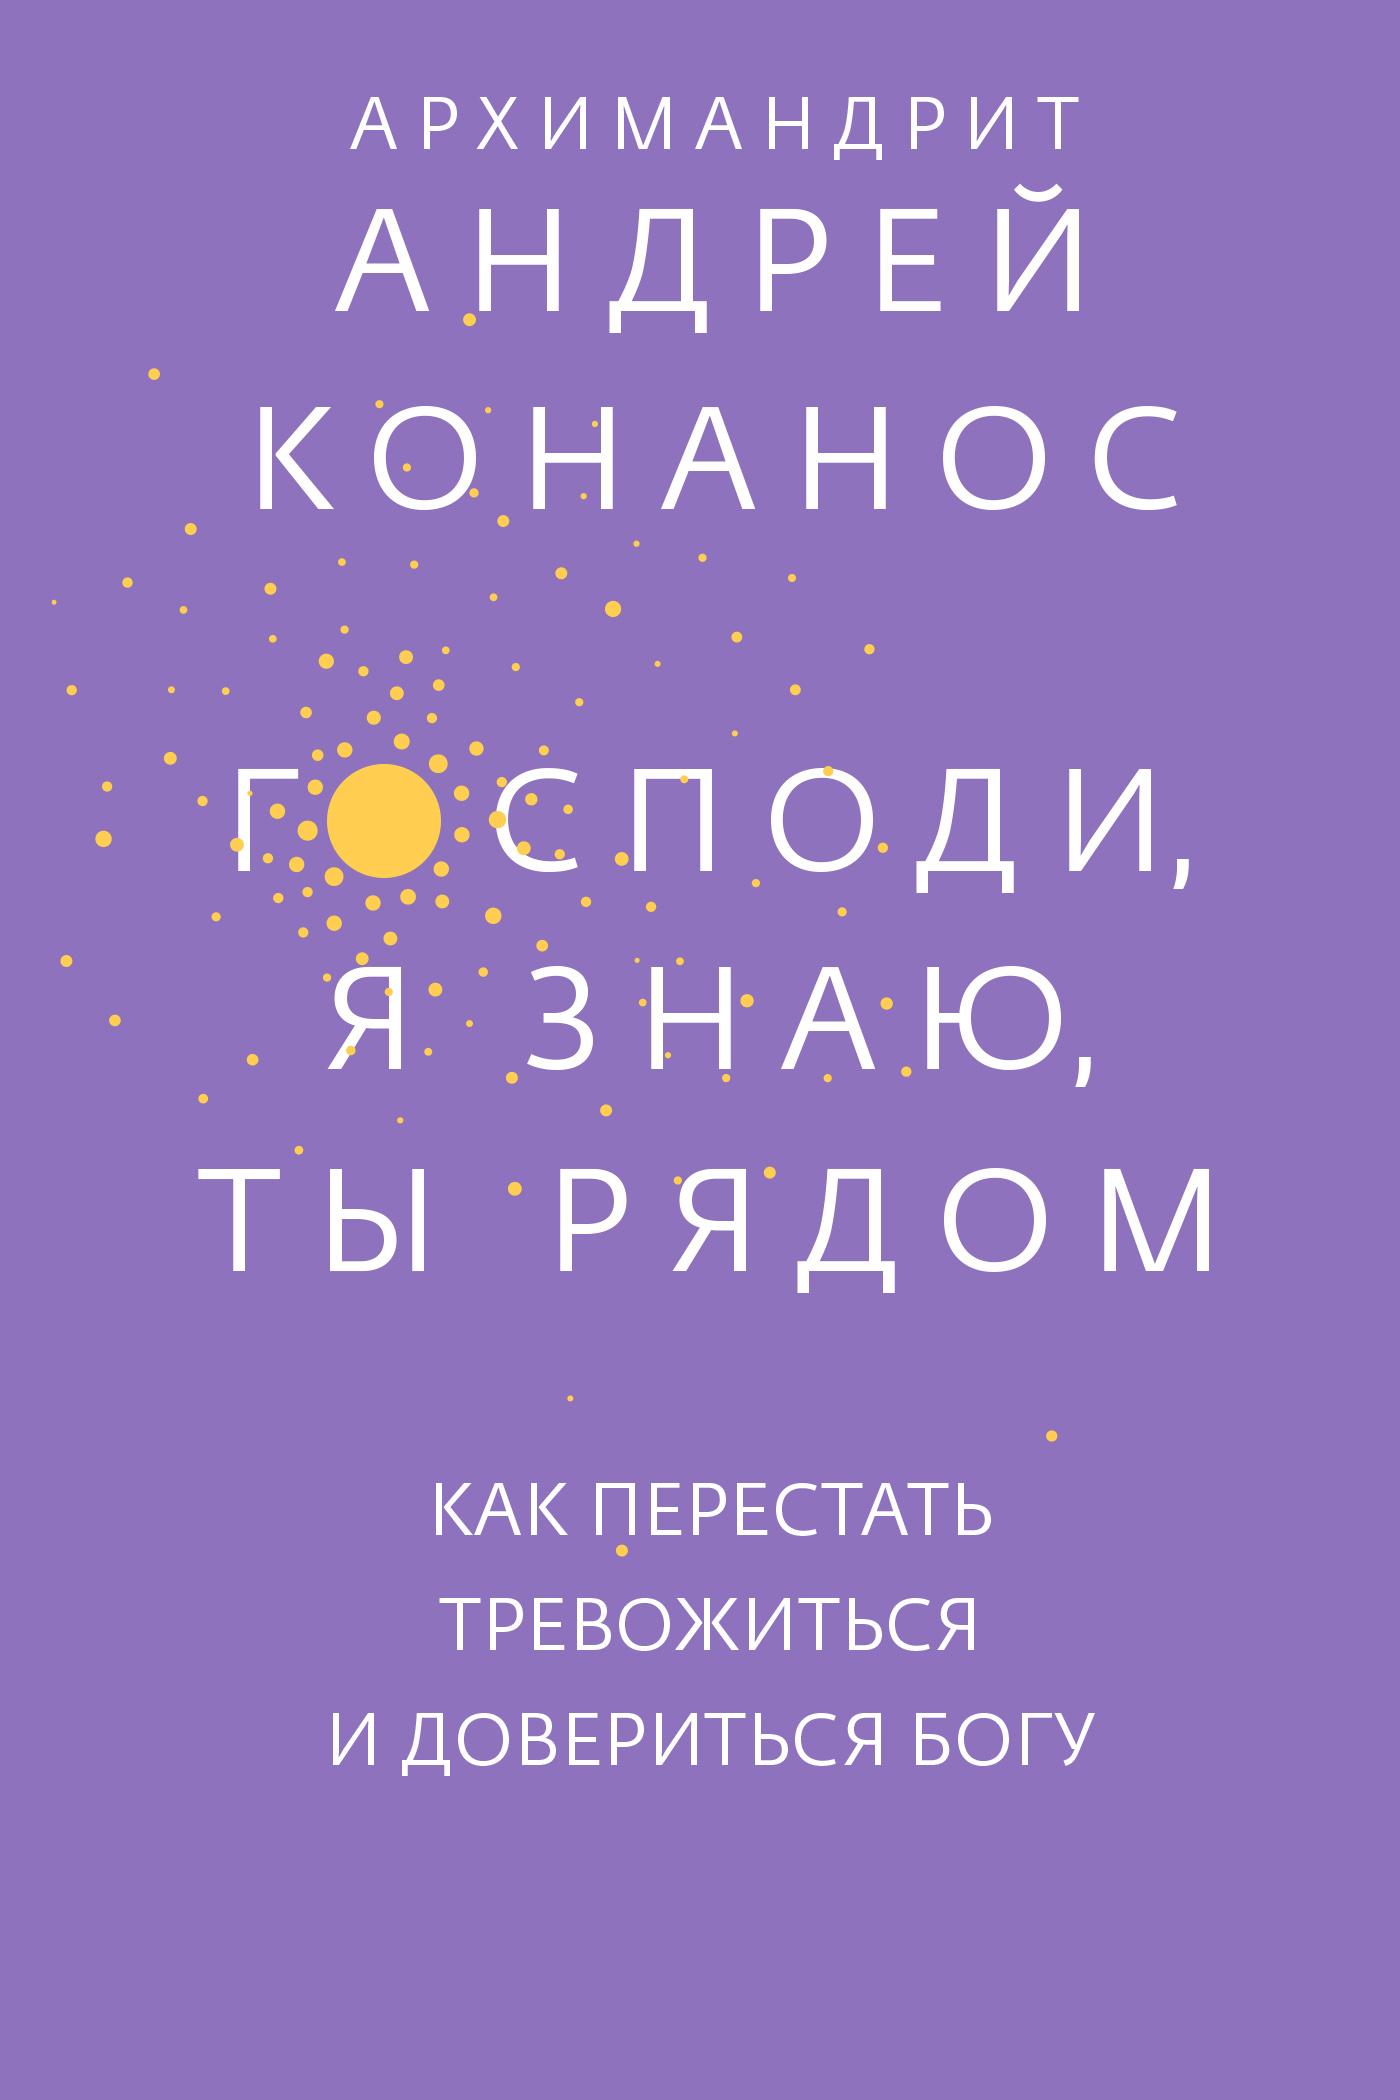 Купить книгу Господи, я знаю, Ты рядом. Как перестать тревожиться и довериться Богу, автора Андрея Конаноса